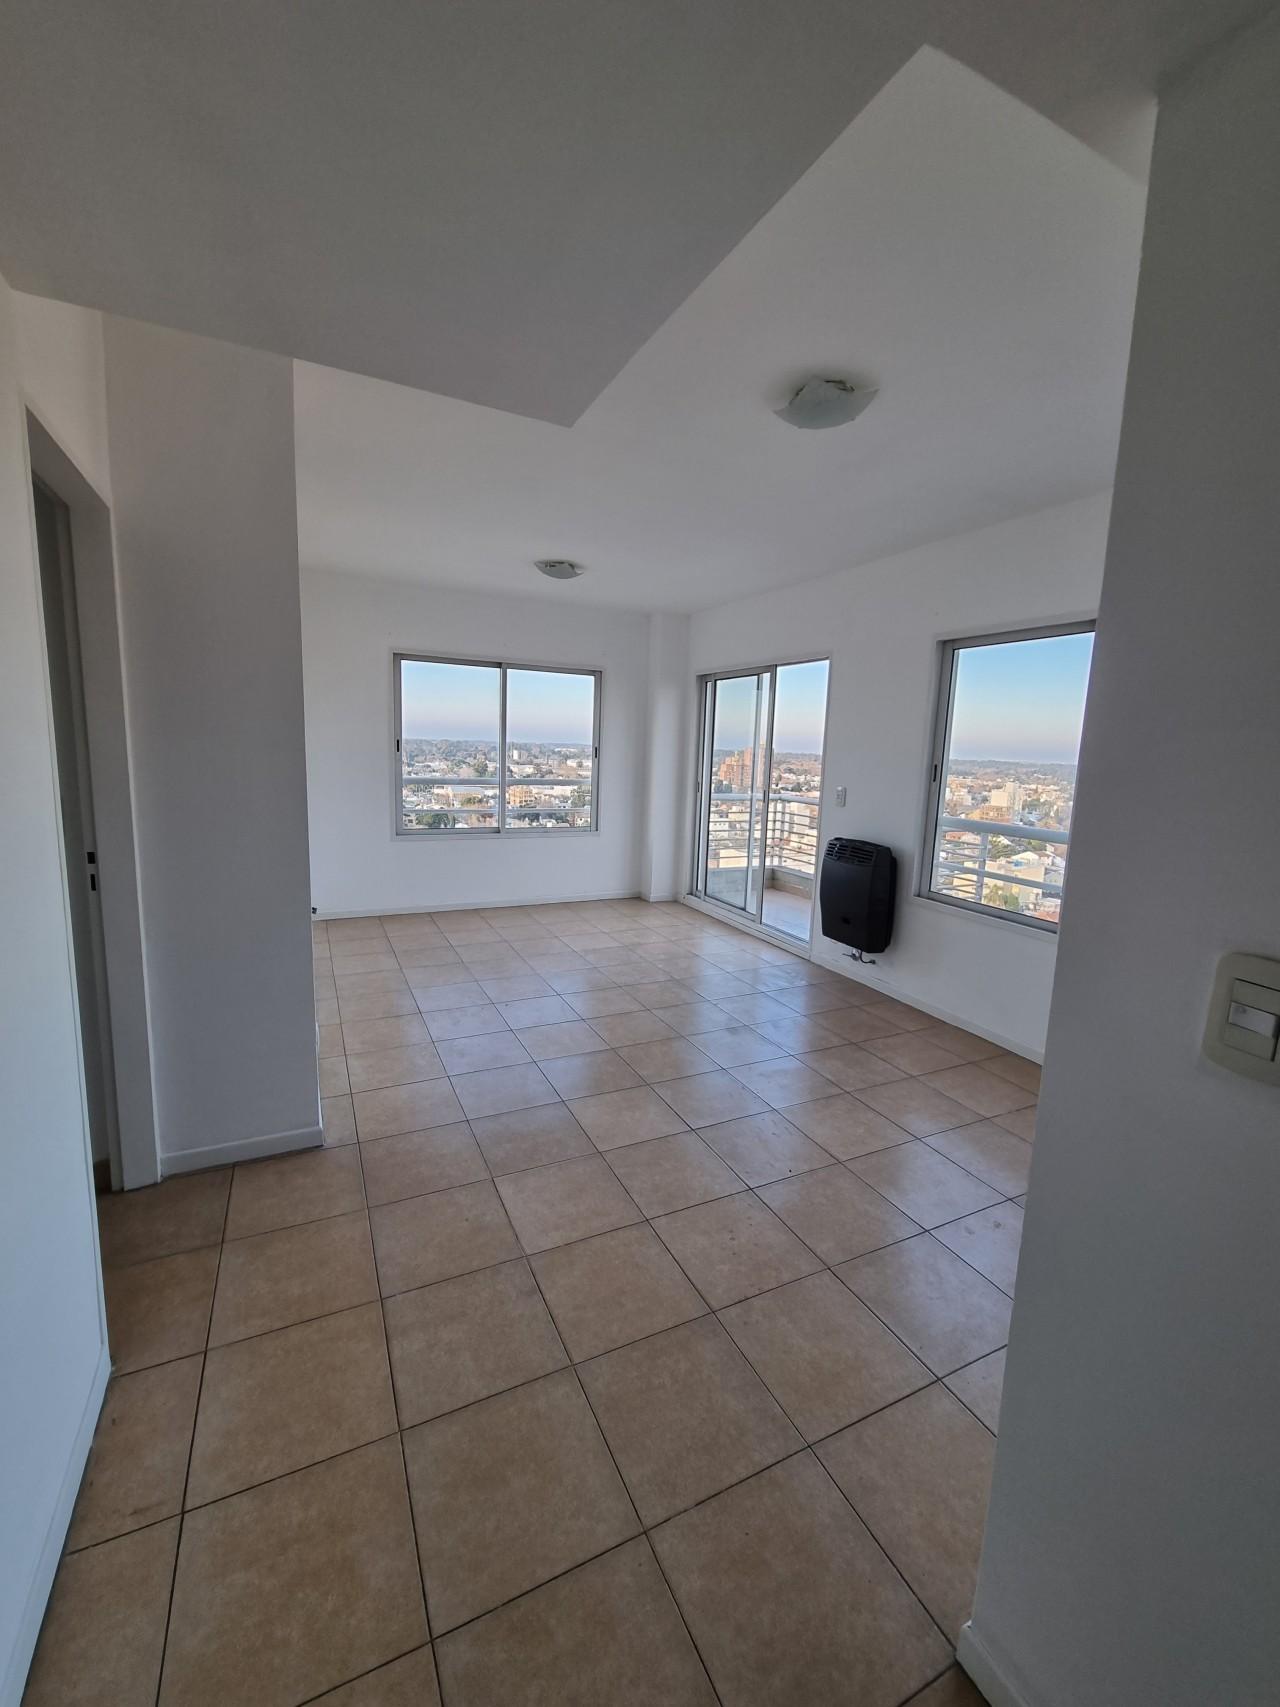 ### Alquiler departamento 4 ambientes - Edificio San Ignacio V - San Miguel (M205015d) ###